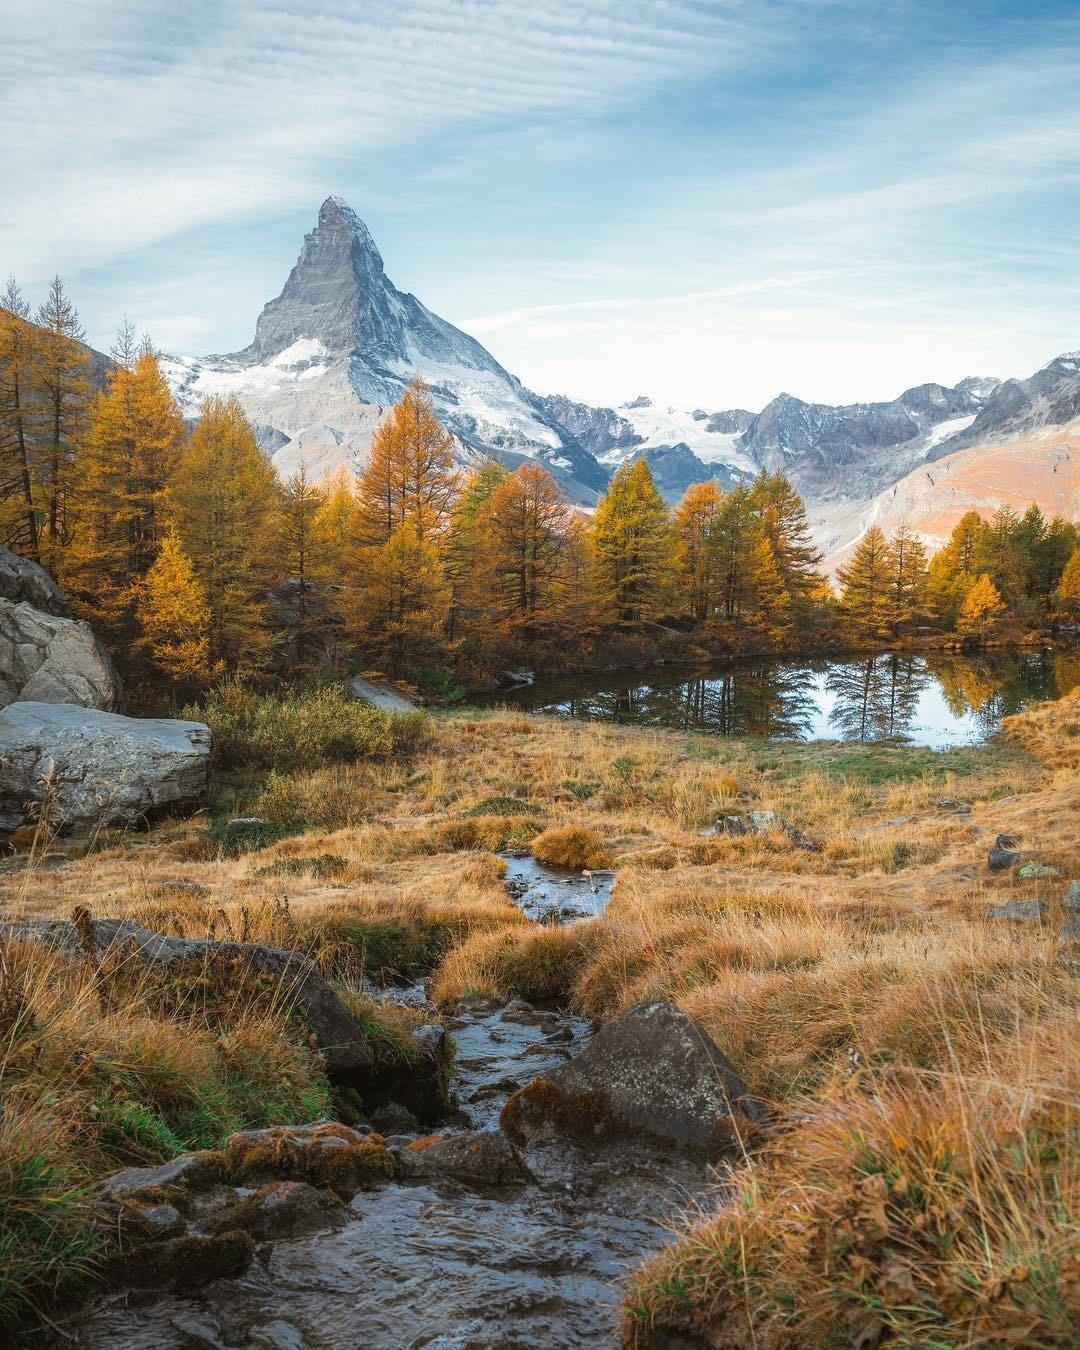 The 10 Best Hikes in Switzerland #thegreatoutdoors